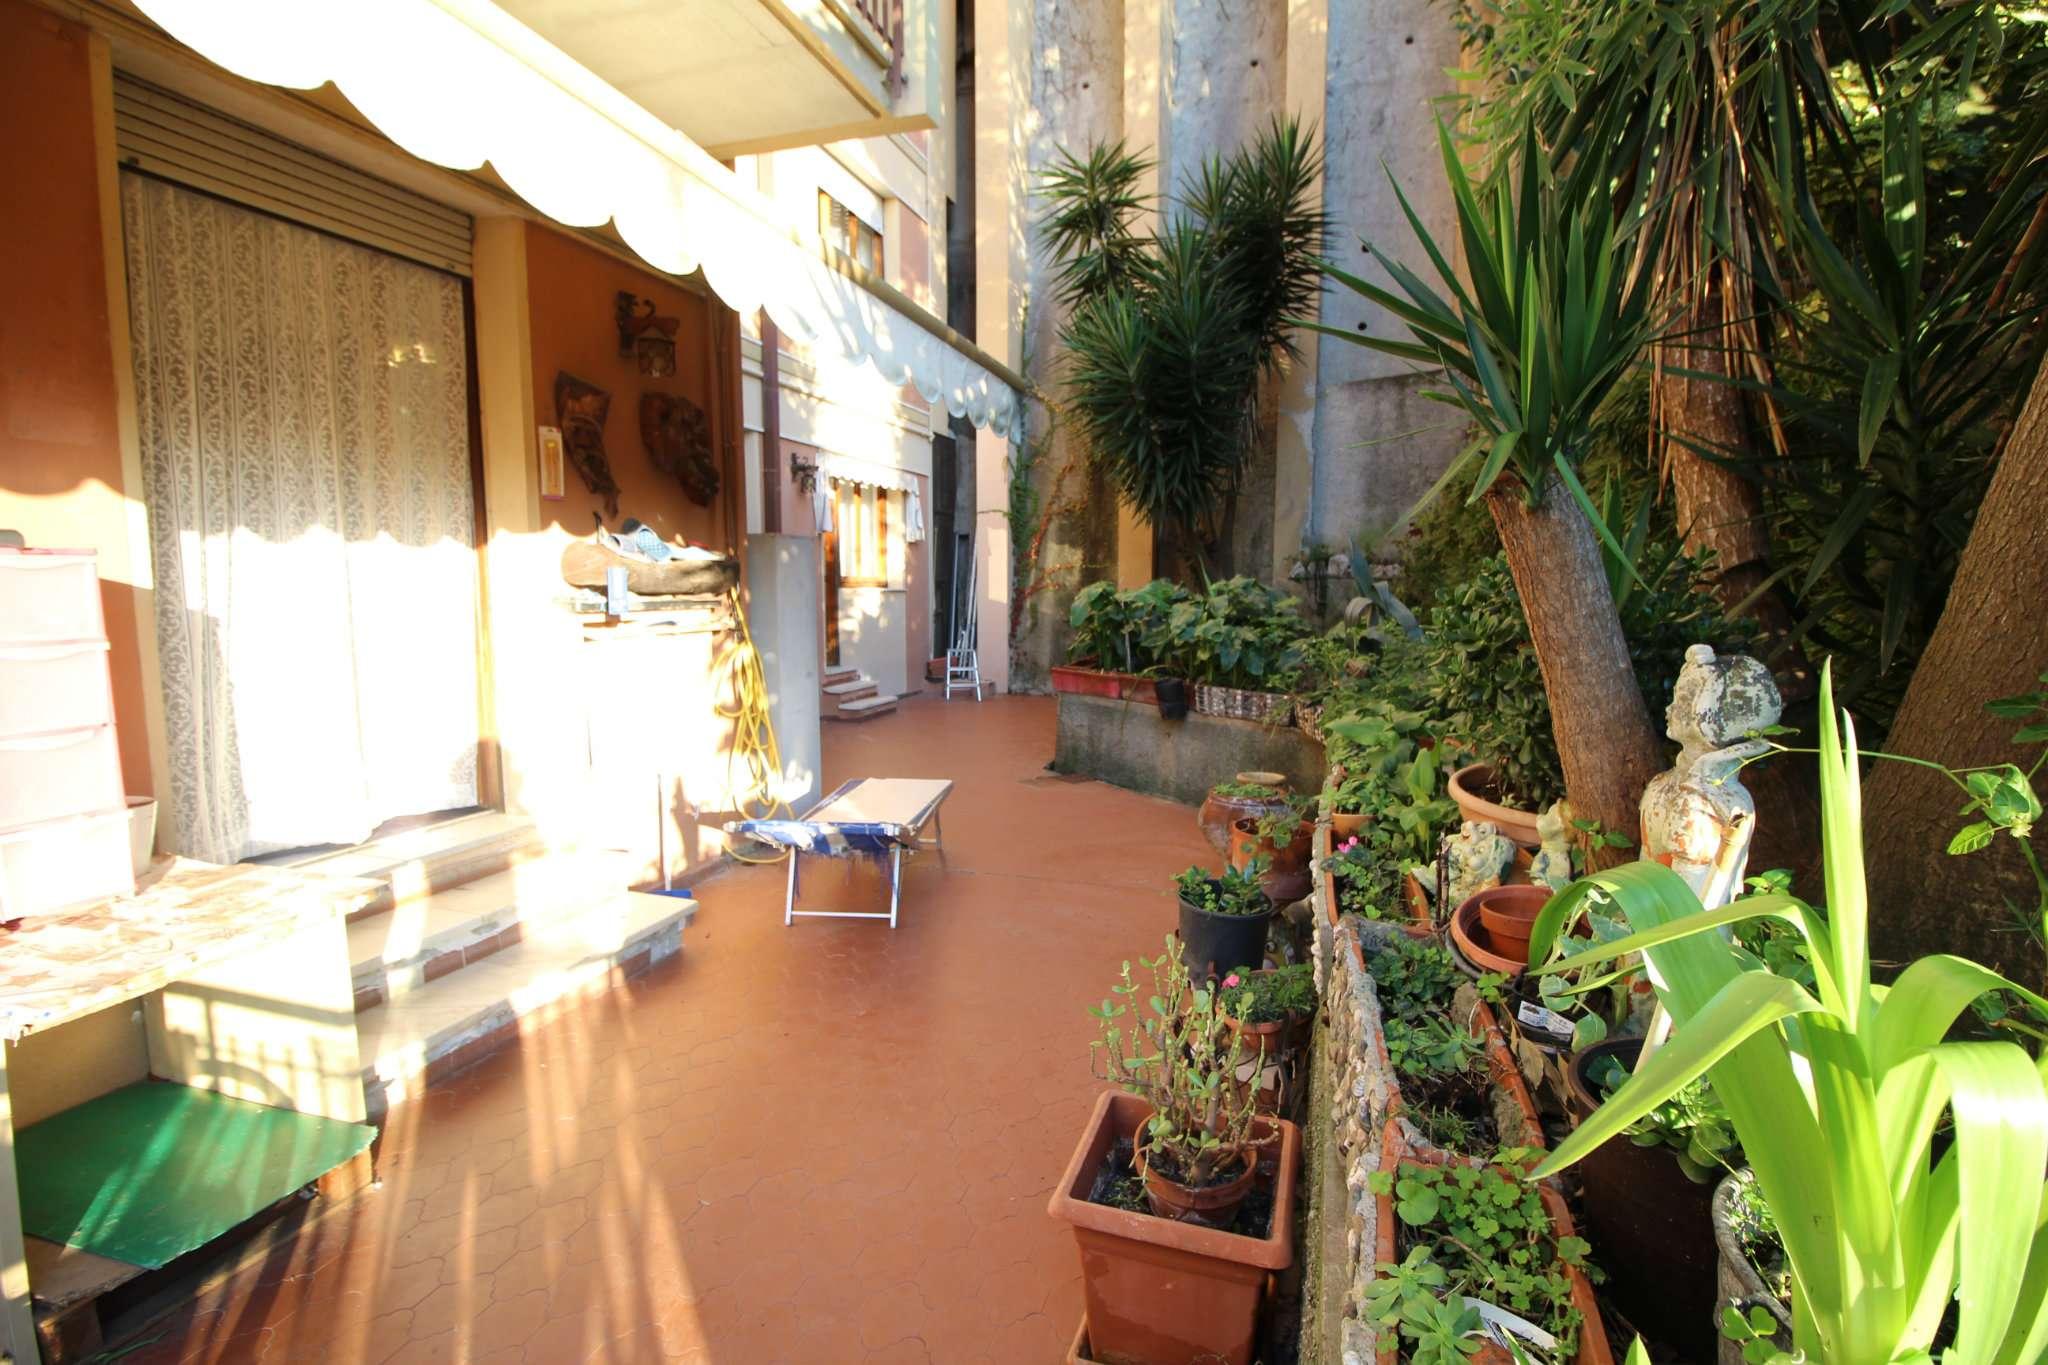 Appartamento in vendita a Genova, 4 locali, zona S.Fruttuoso-Borgoratti-S.Martino, prezzo € 390.000 | PortaleAgenzieImmobiliari.it